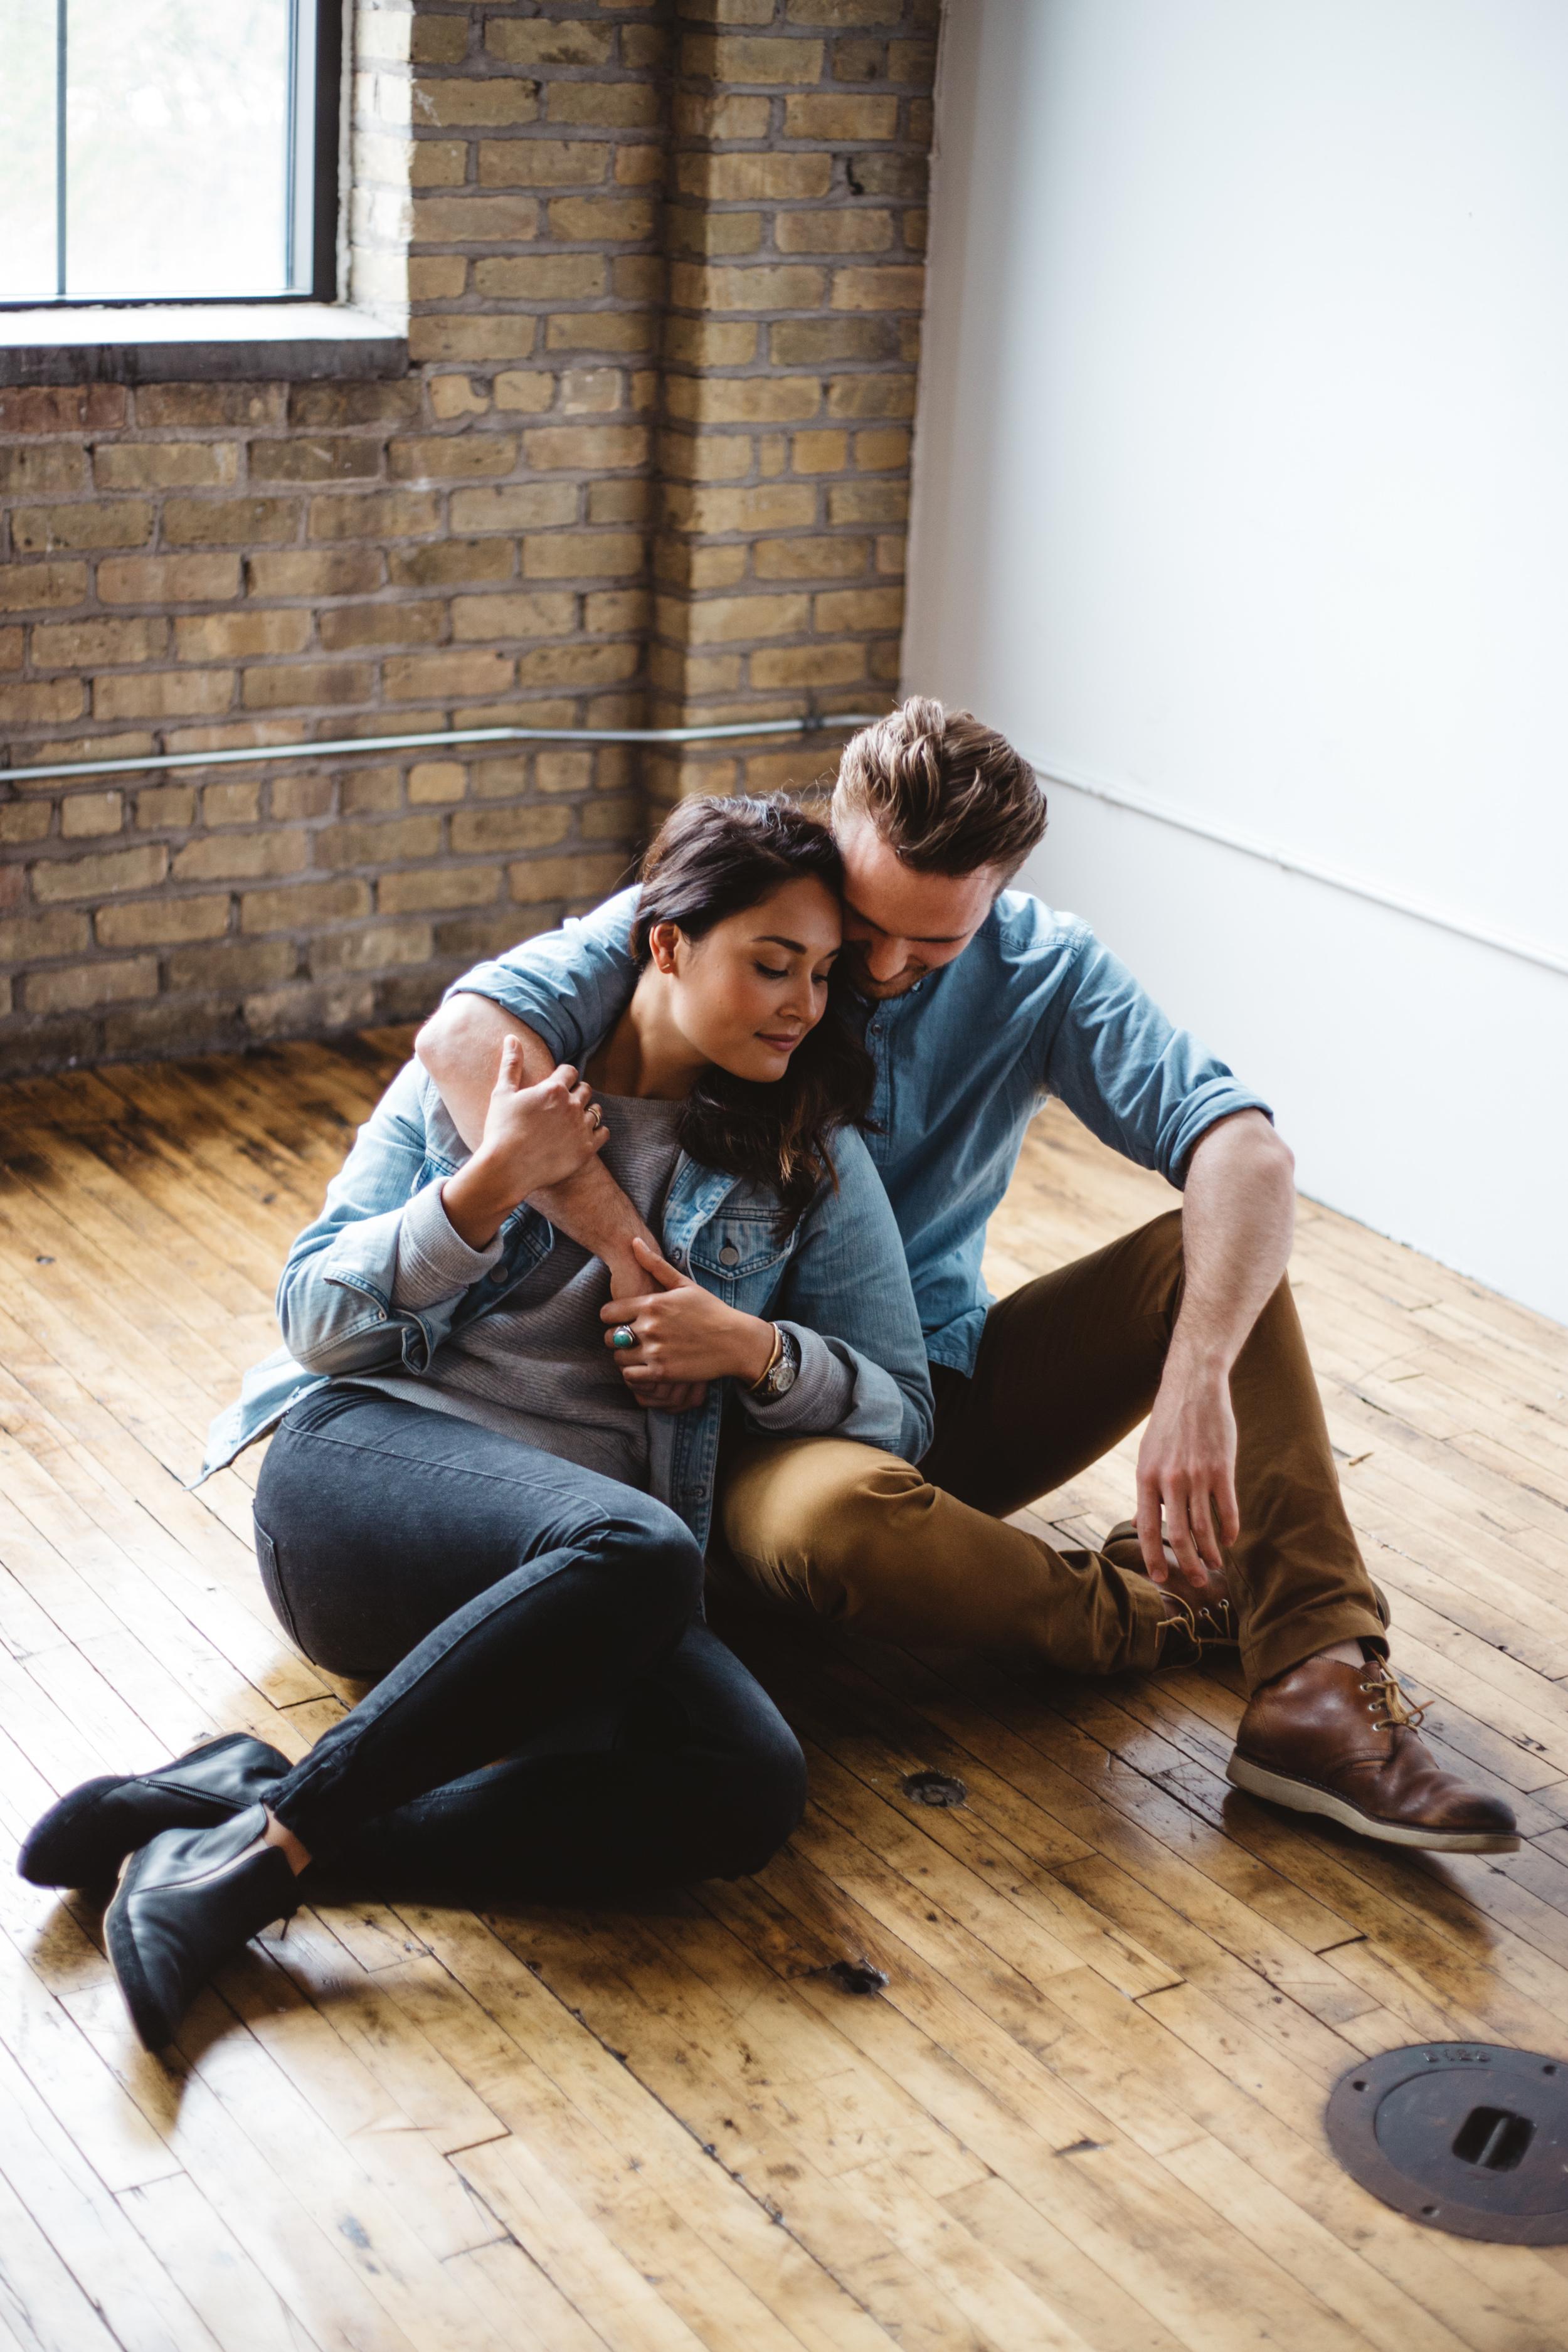 Northeast Minneapolis modern engagement session. Photography by Britt DeZeeuw Brainerd MN natural light photographer